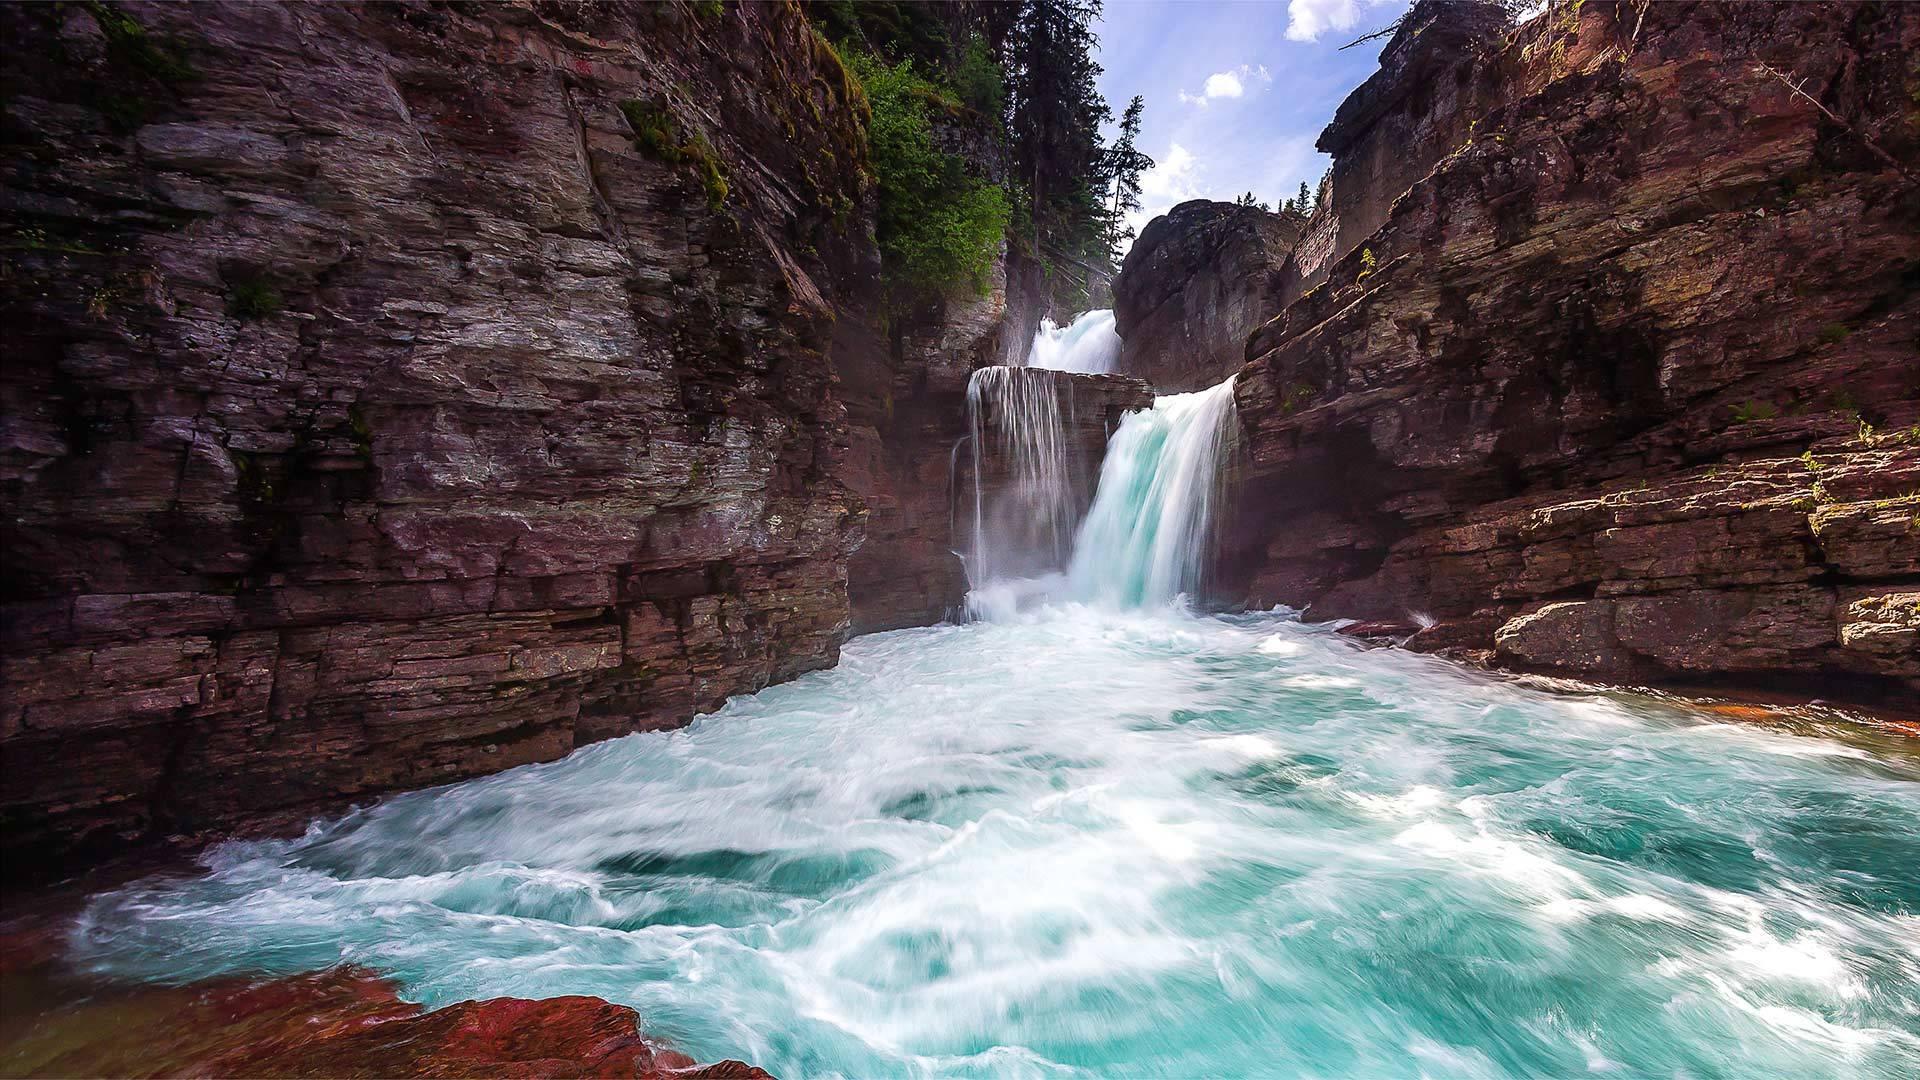 冰川国家公园里的圣玛丽瀑布